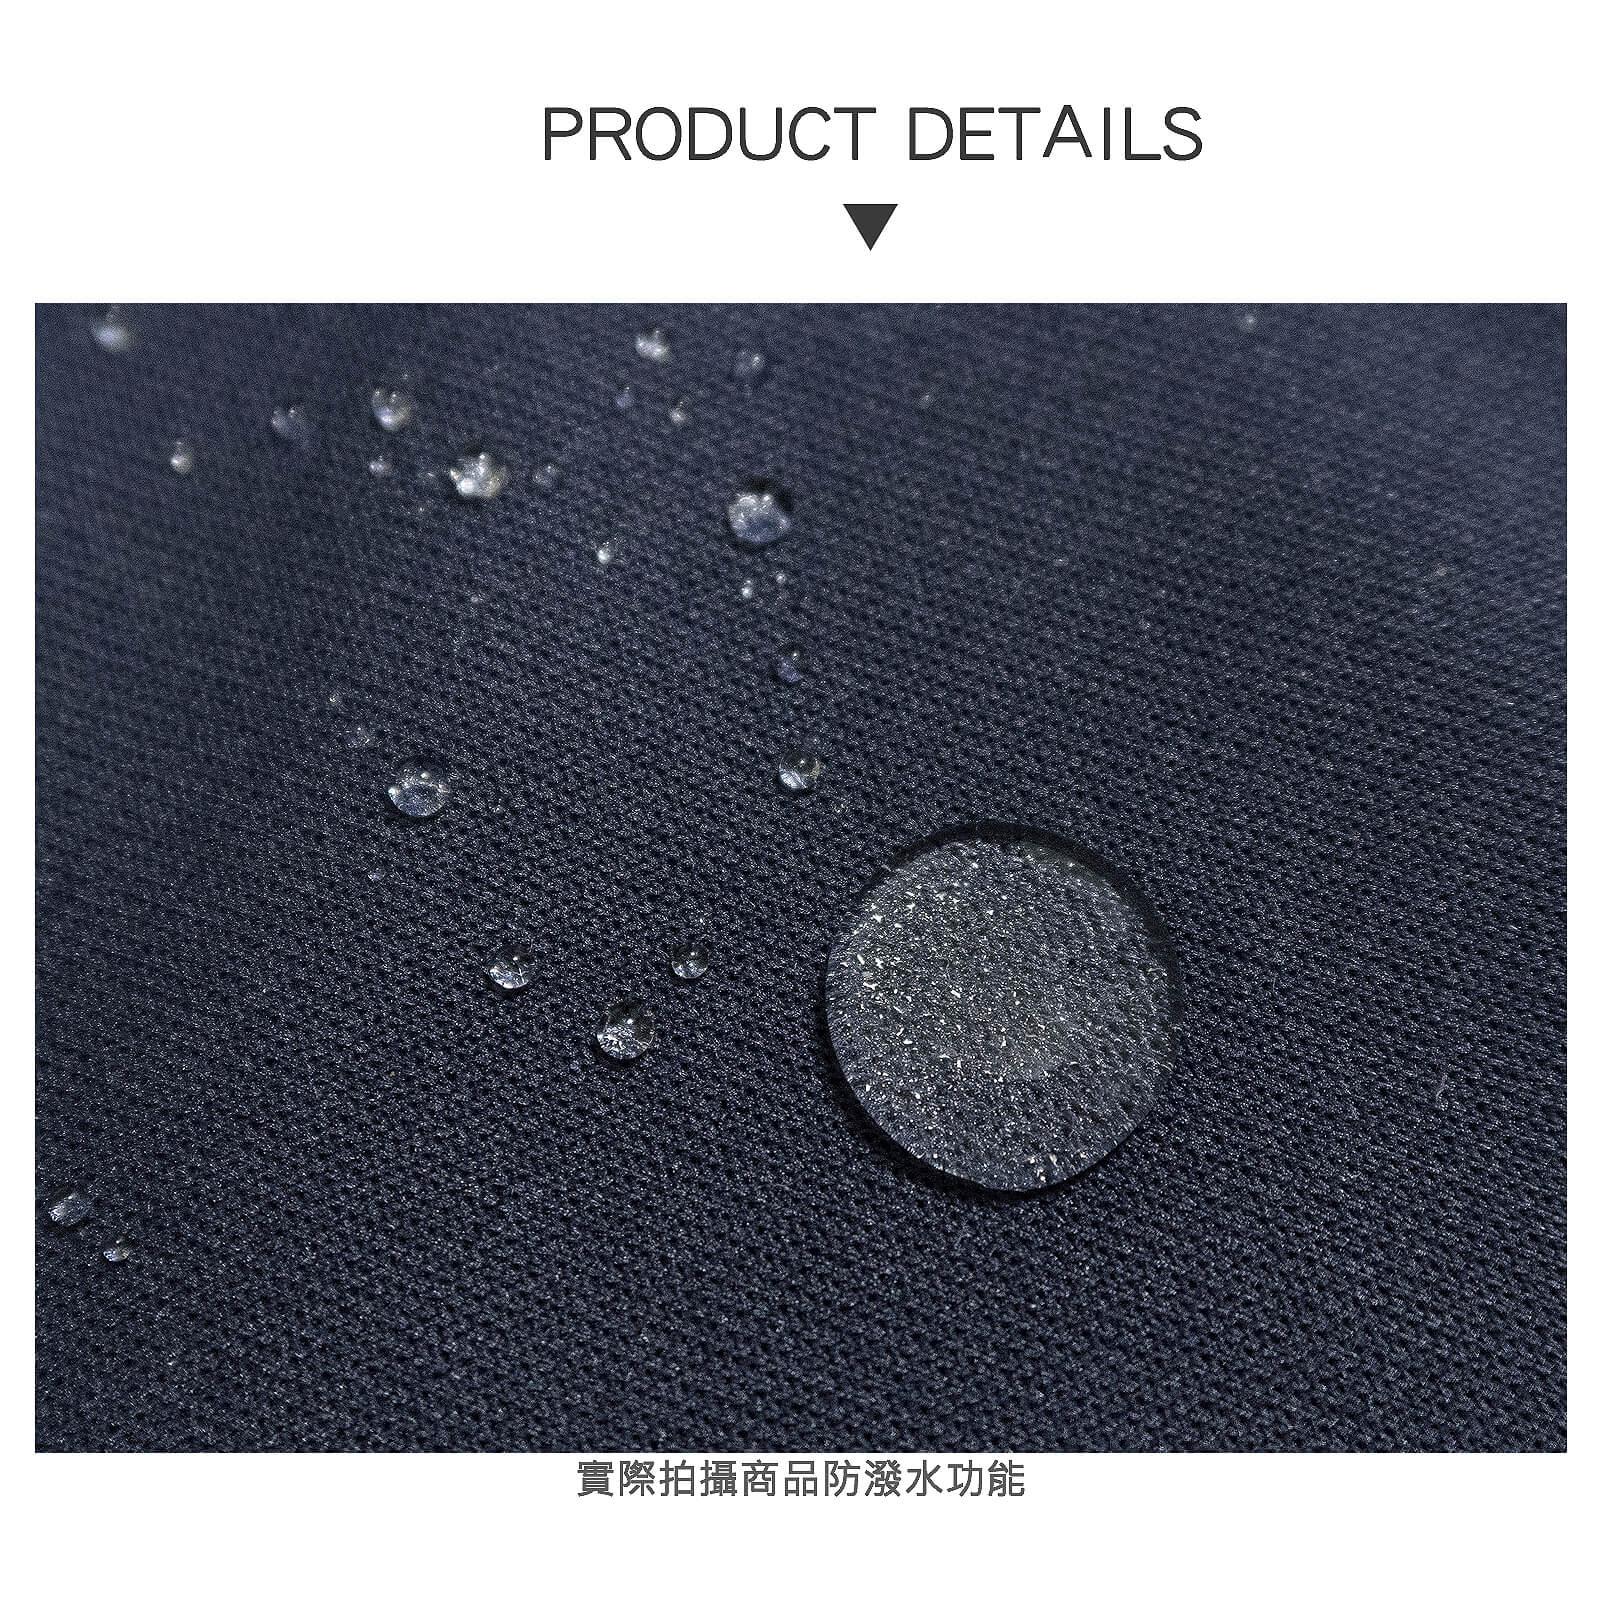 加大尺碼防潑水長褲 保暖台灣製長褲 防風休閒長褲 褲管無縮口彈性長褲 大尺碼男裝 全腰圍鬆緊帶休閒褲 黑色長褲 Made In Taiwan Big And Tall Water Repellent Pants Casual Pants (310-2056-08)深藍色、(310-2056-21)黑色、(310-2056-22)深灰色 4L 5L (腰圍:97~119公分  /  38~47英吋) 男女可穿 [實體店面保障] sun-e 9